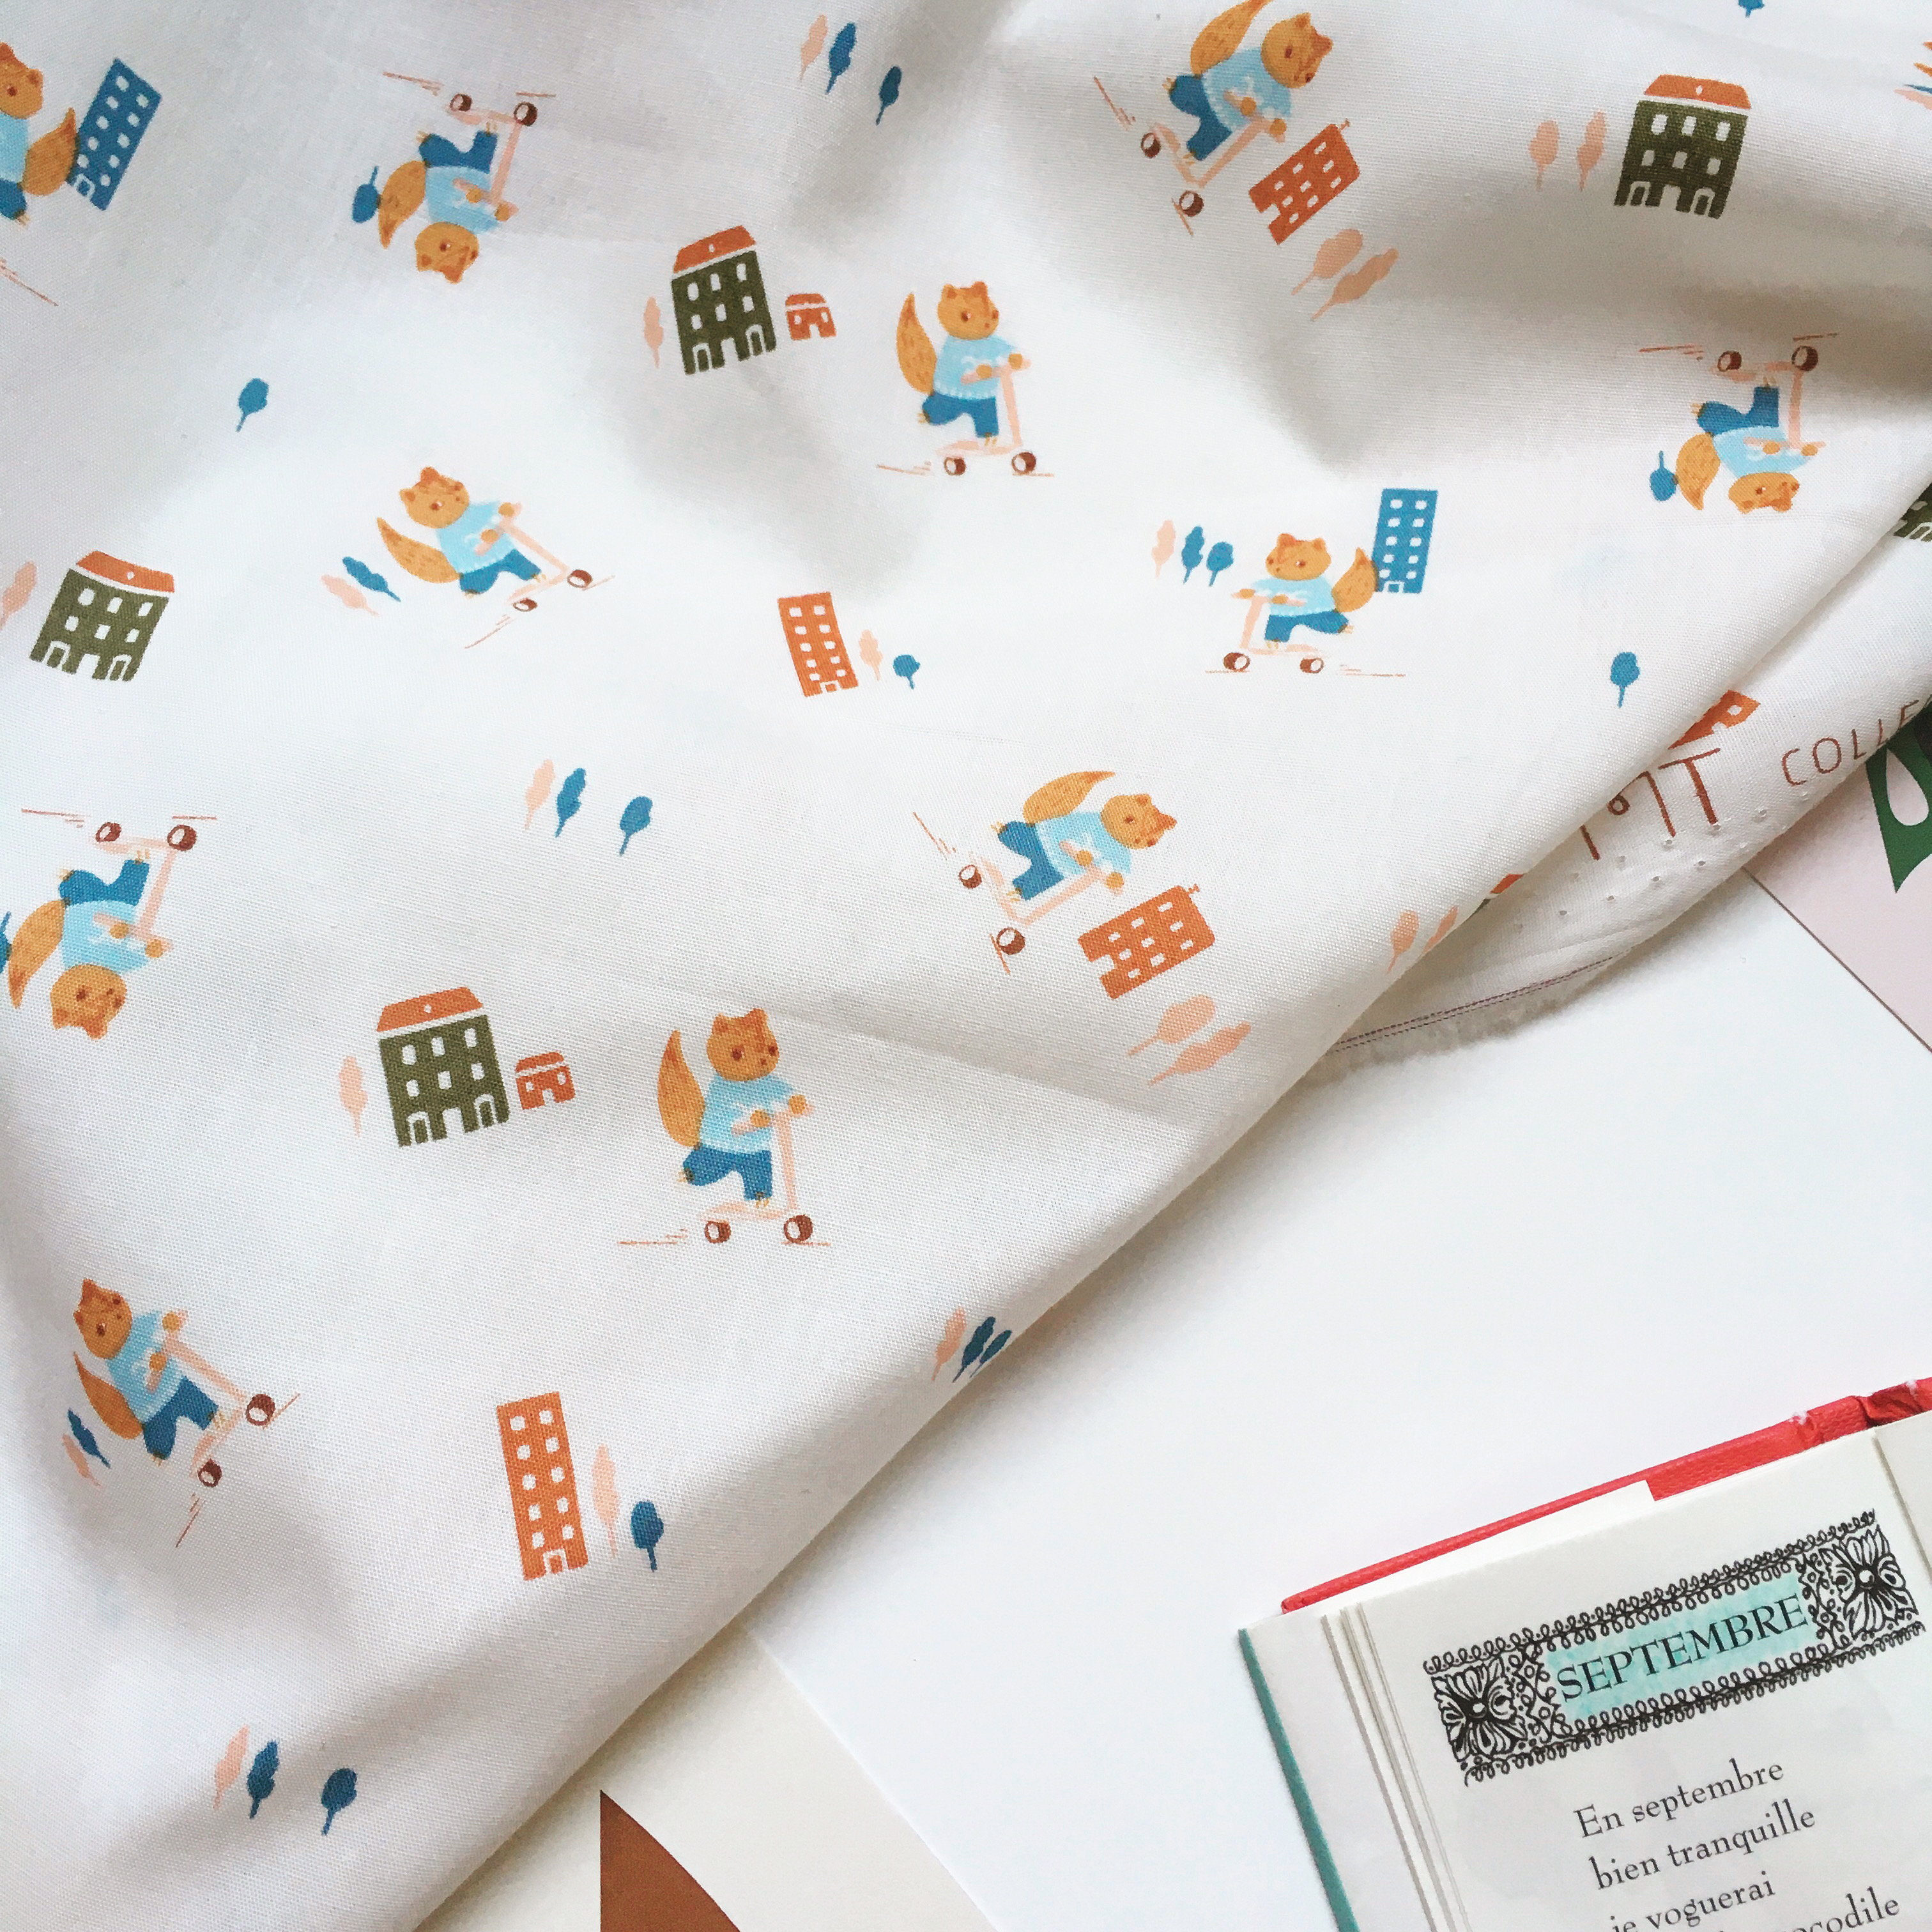 Textile design